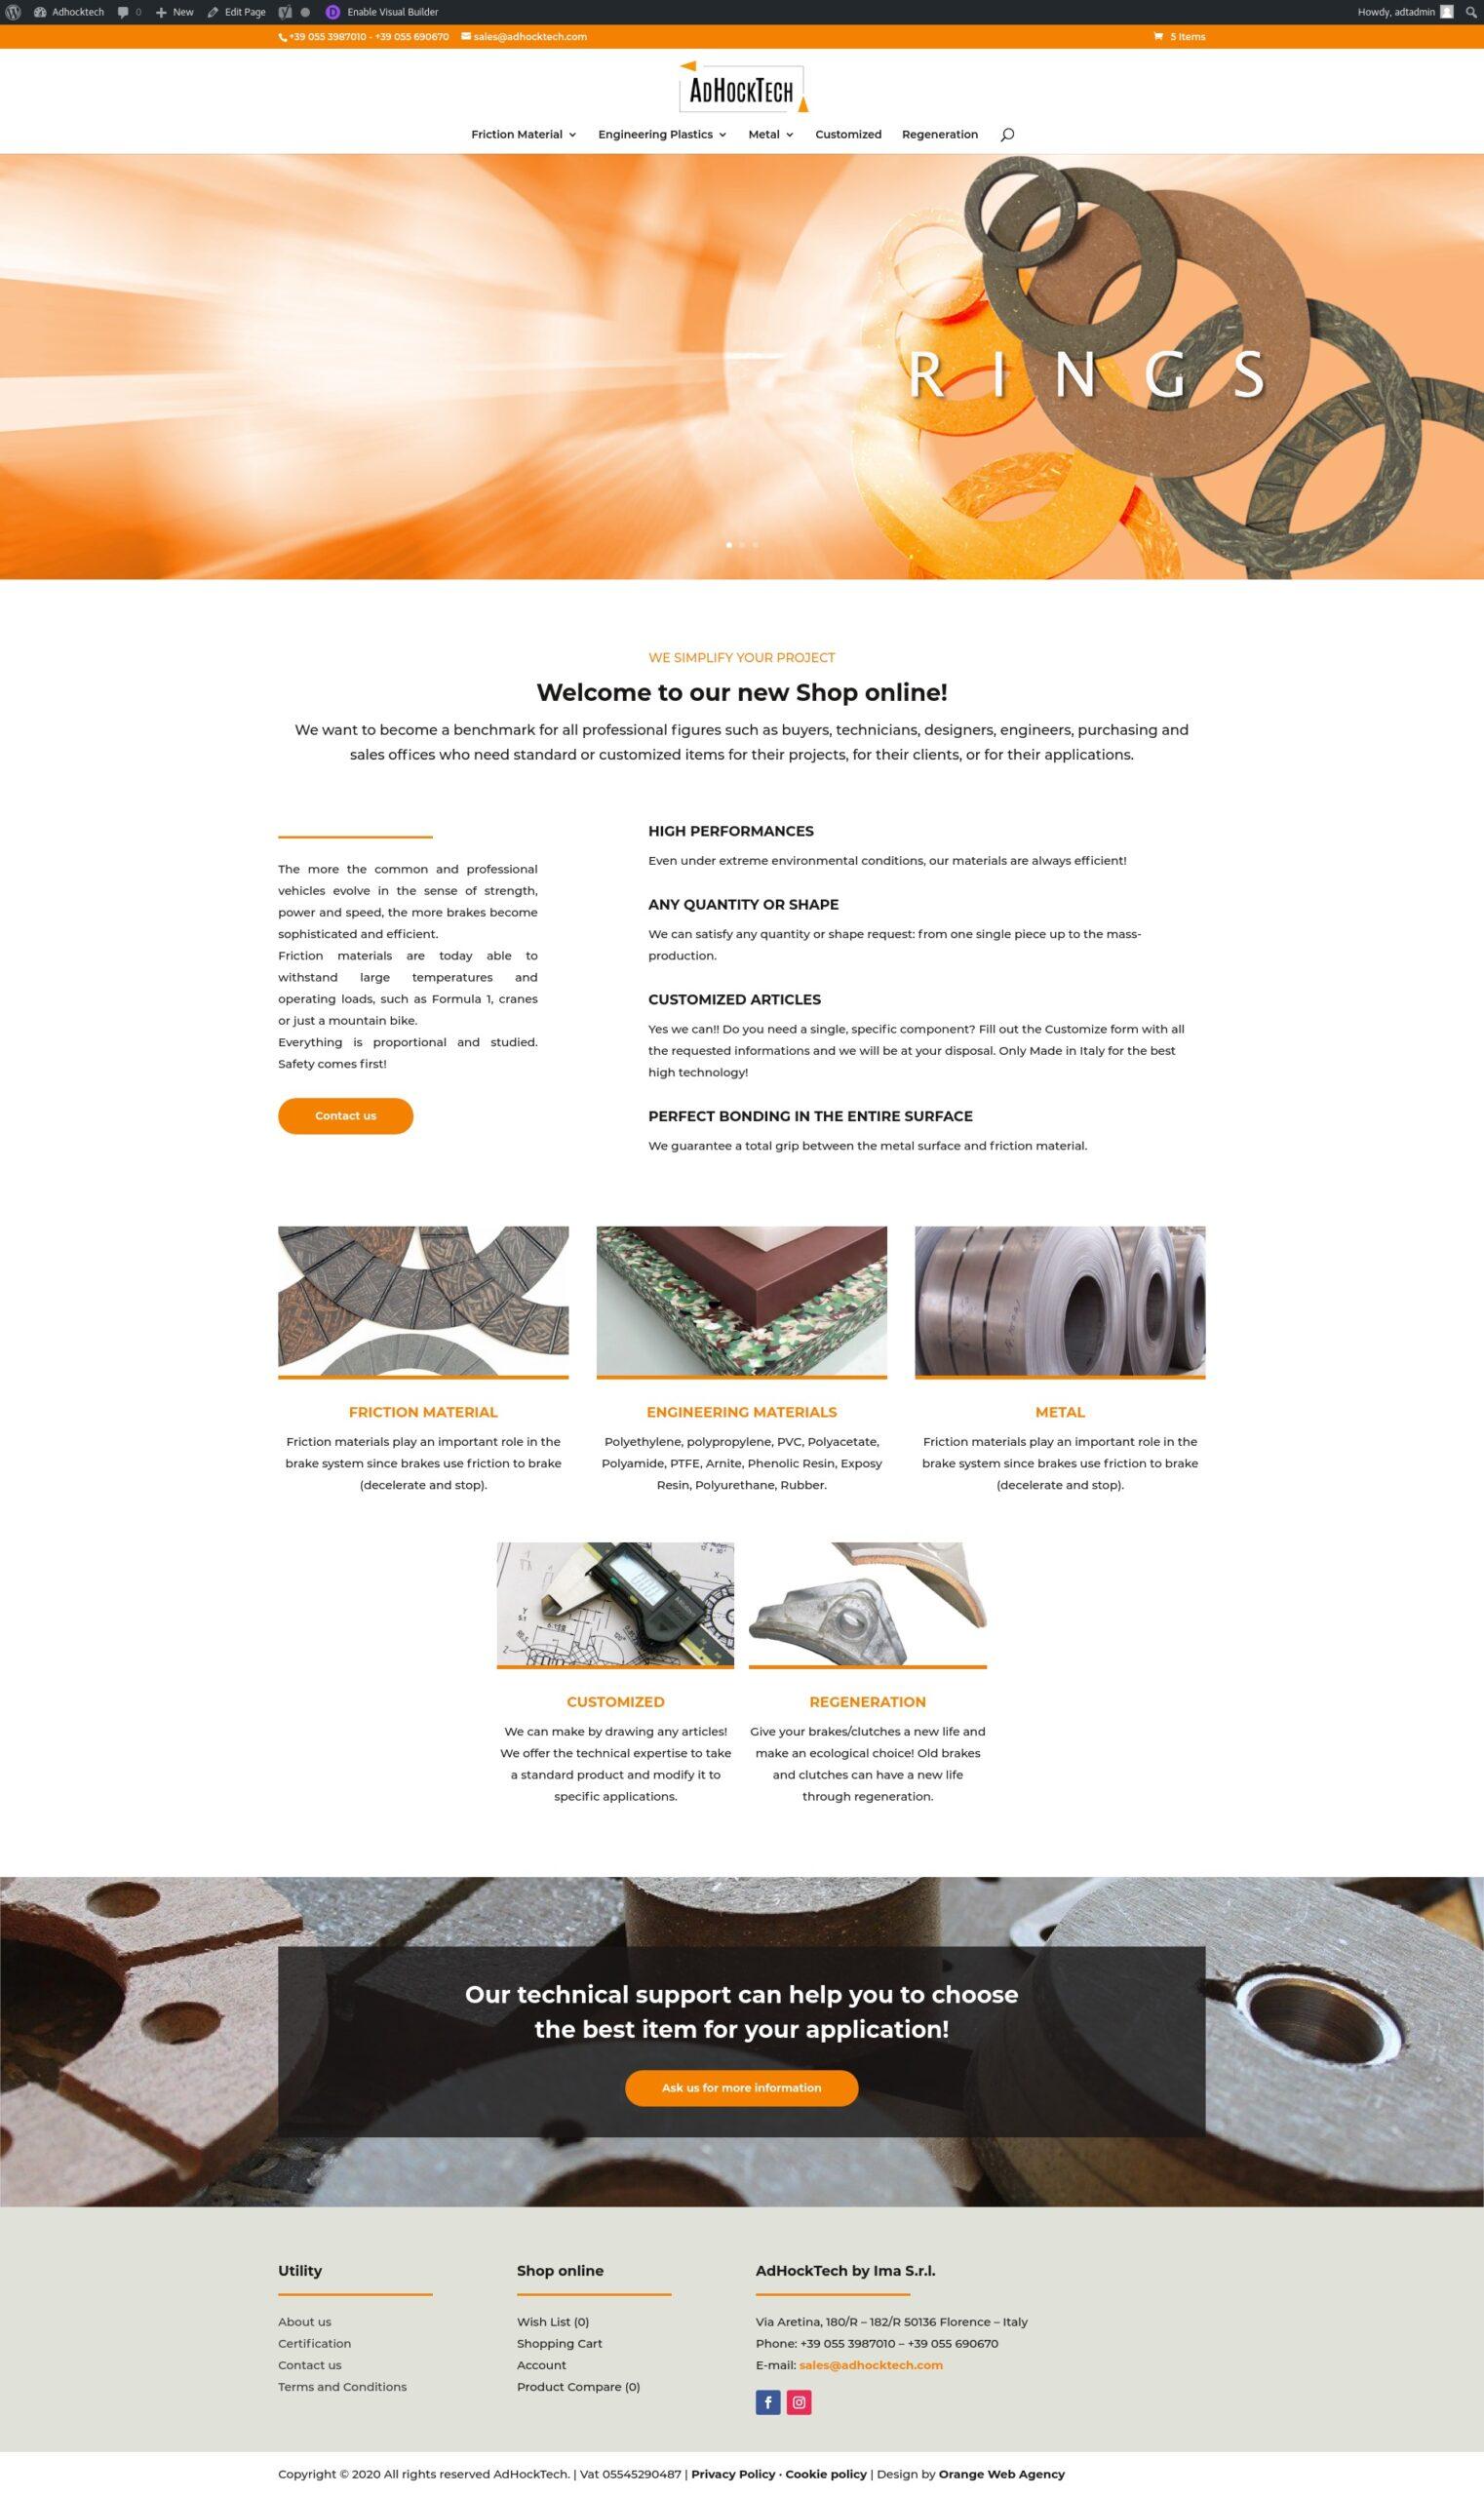 ADHOCKTECH SITO WEB E-COMMERCE